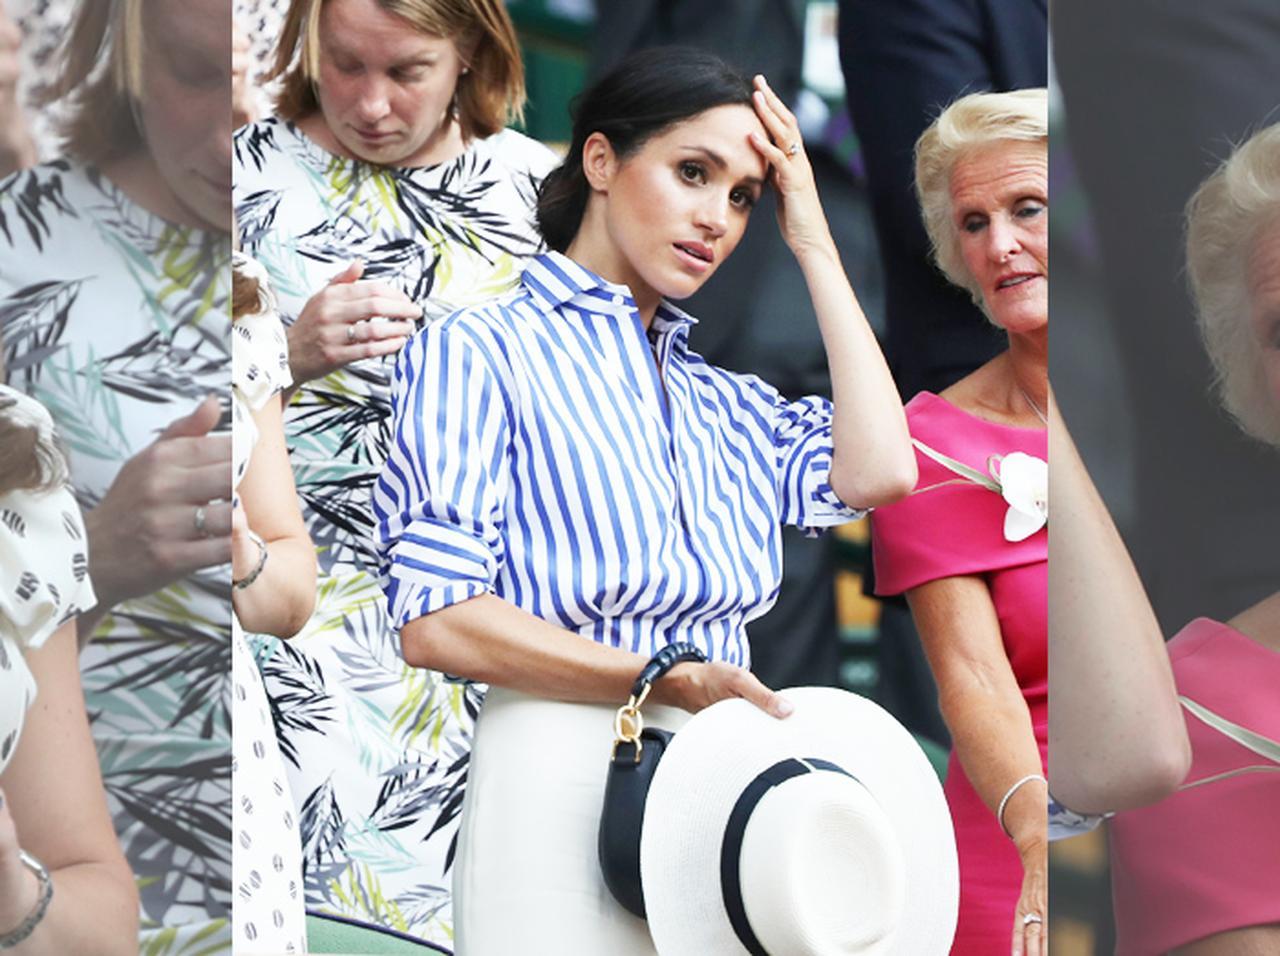 メーガン妃が炎天下でも持参した「帽子」を被らなかった理由って?